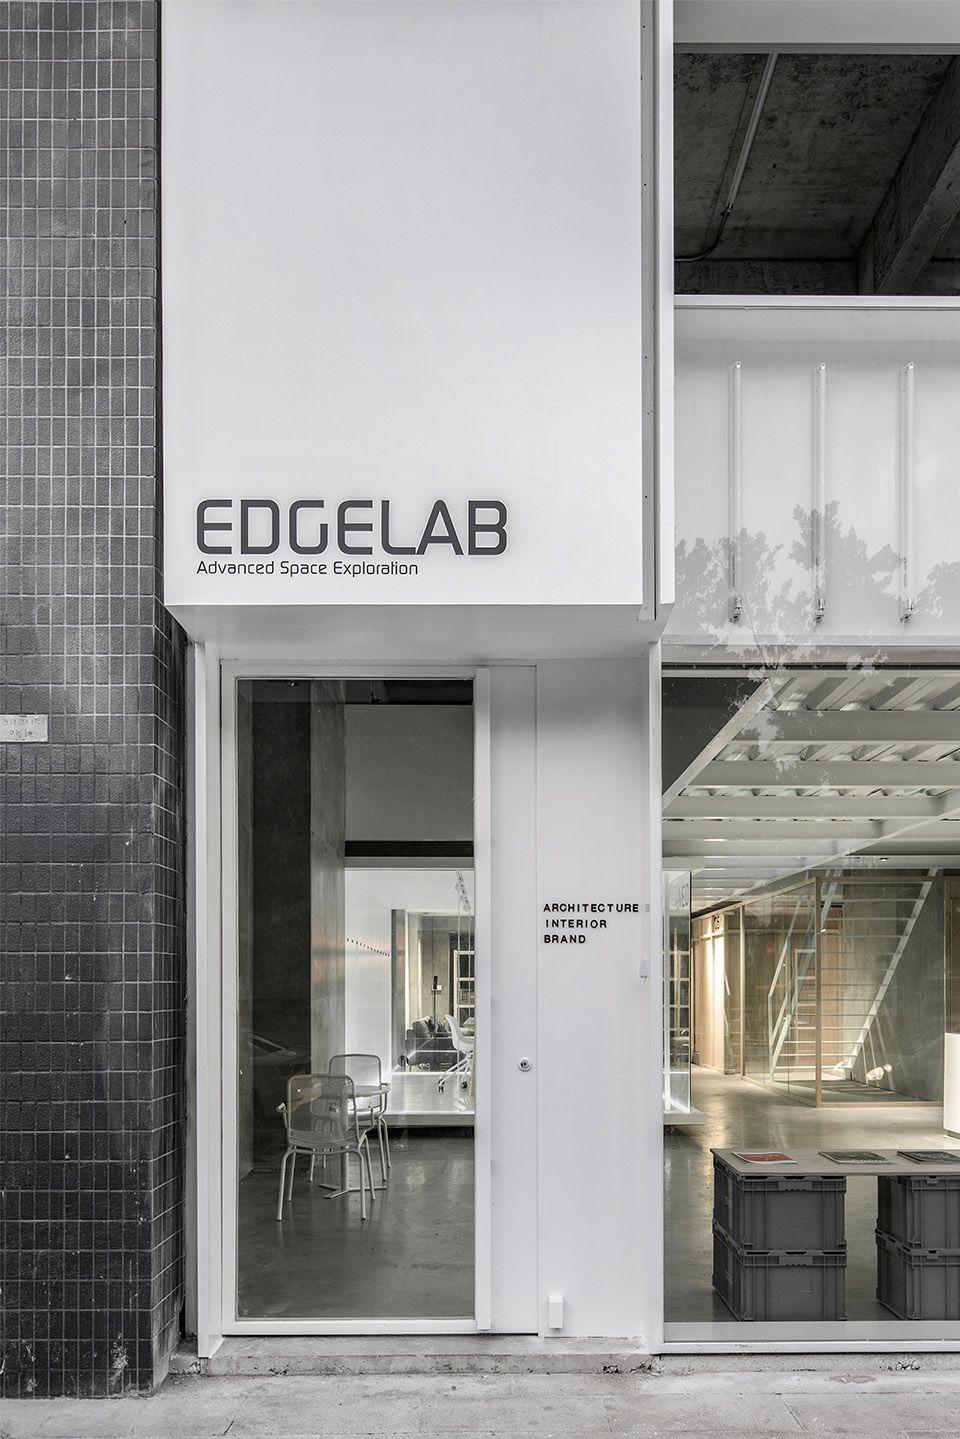 移动的玻璃盒子,广东Edgelab办公空间 | Edgelab边界实验工作室|黄智武、何钢荣 - 1